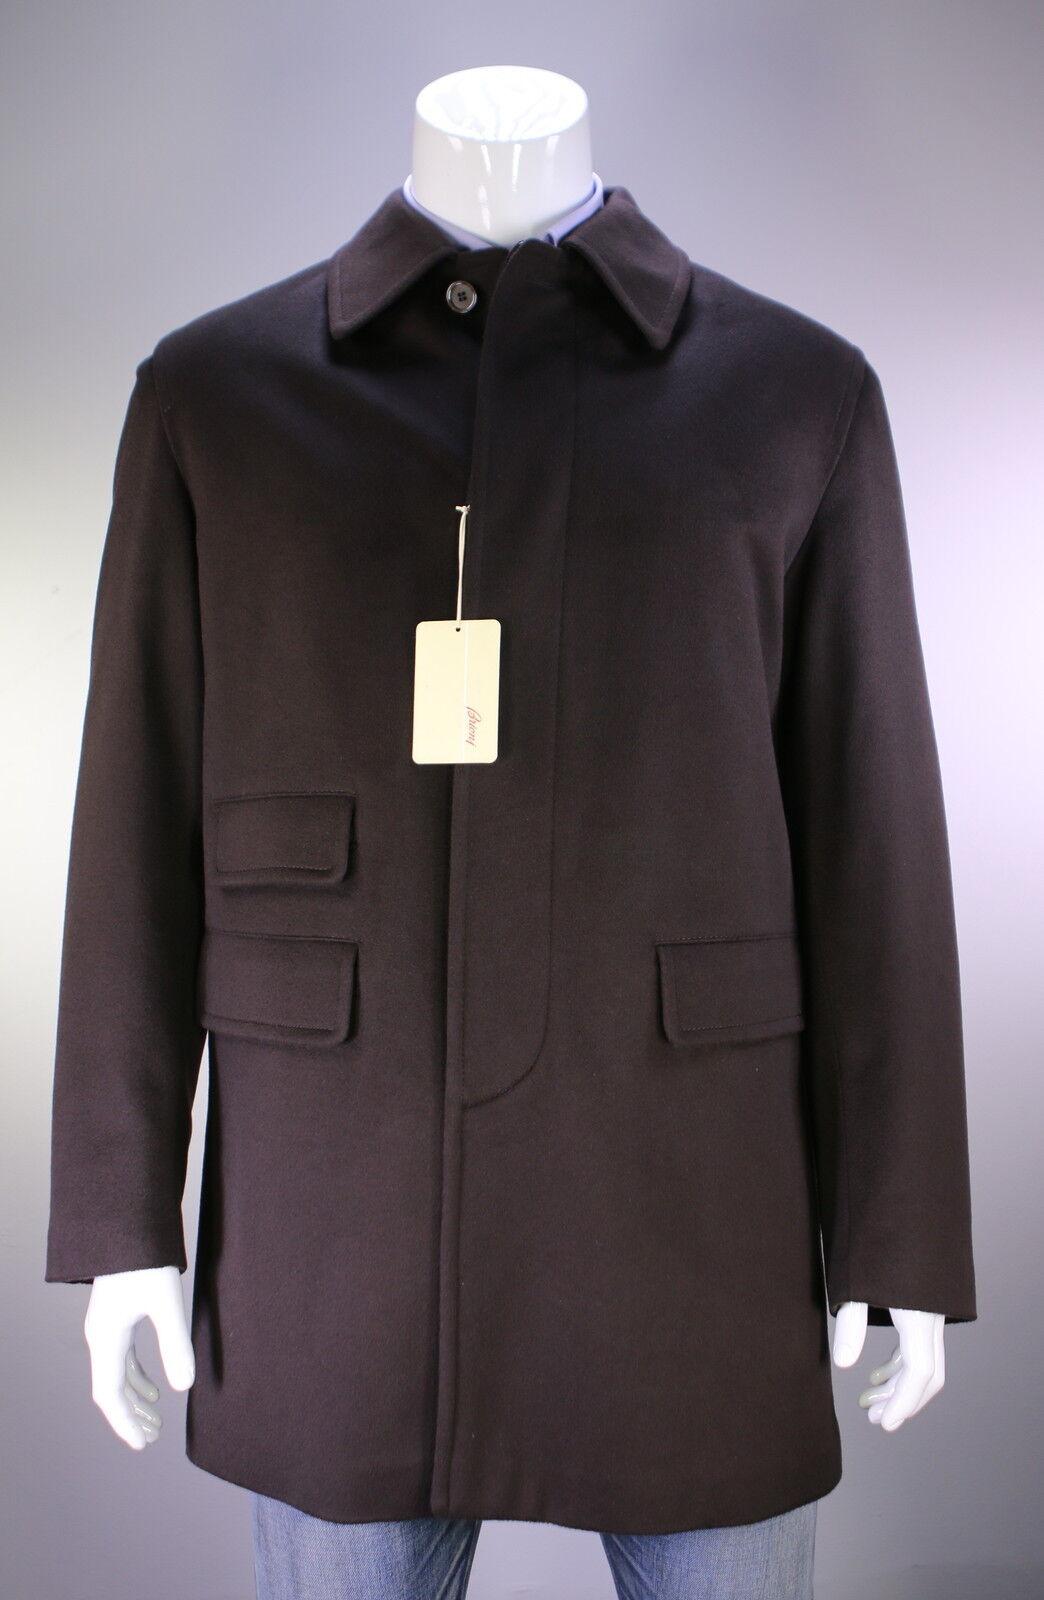 Nwt Neu Brioni Brioni Brioni 2017 Braun Wool-Leather 3 4 Länge 3-BTN Mantel XL     | Moderner Modus  1232c5